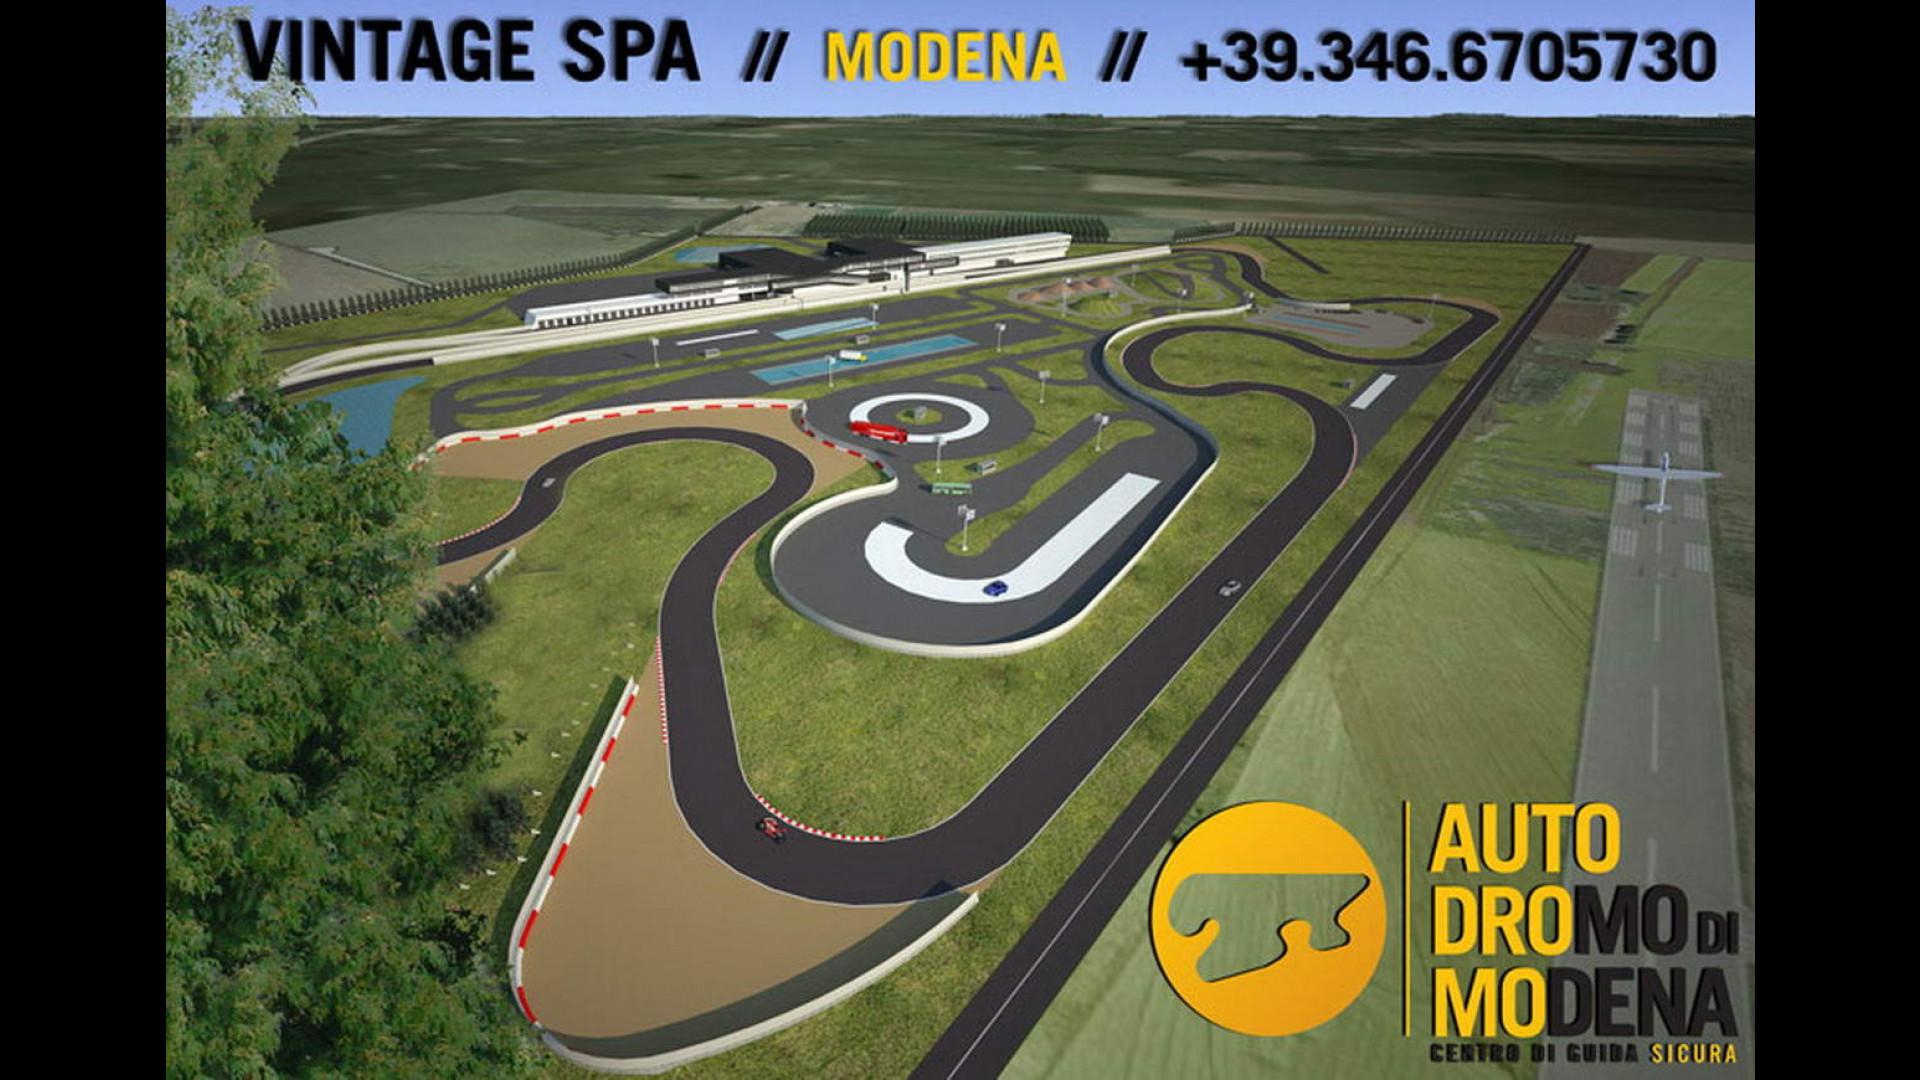 Circuito Modena : Nuovo autodromo di modena: apertura a giugno motor1.com italia